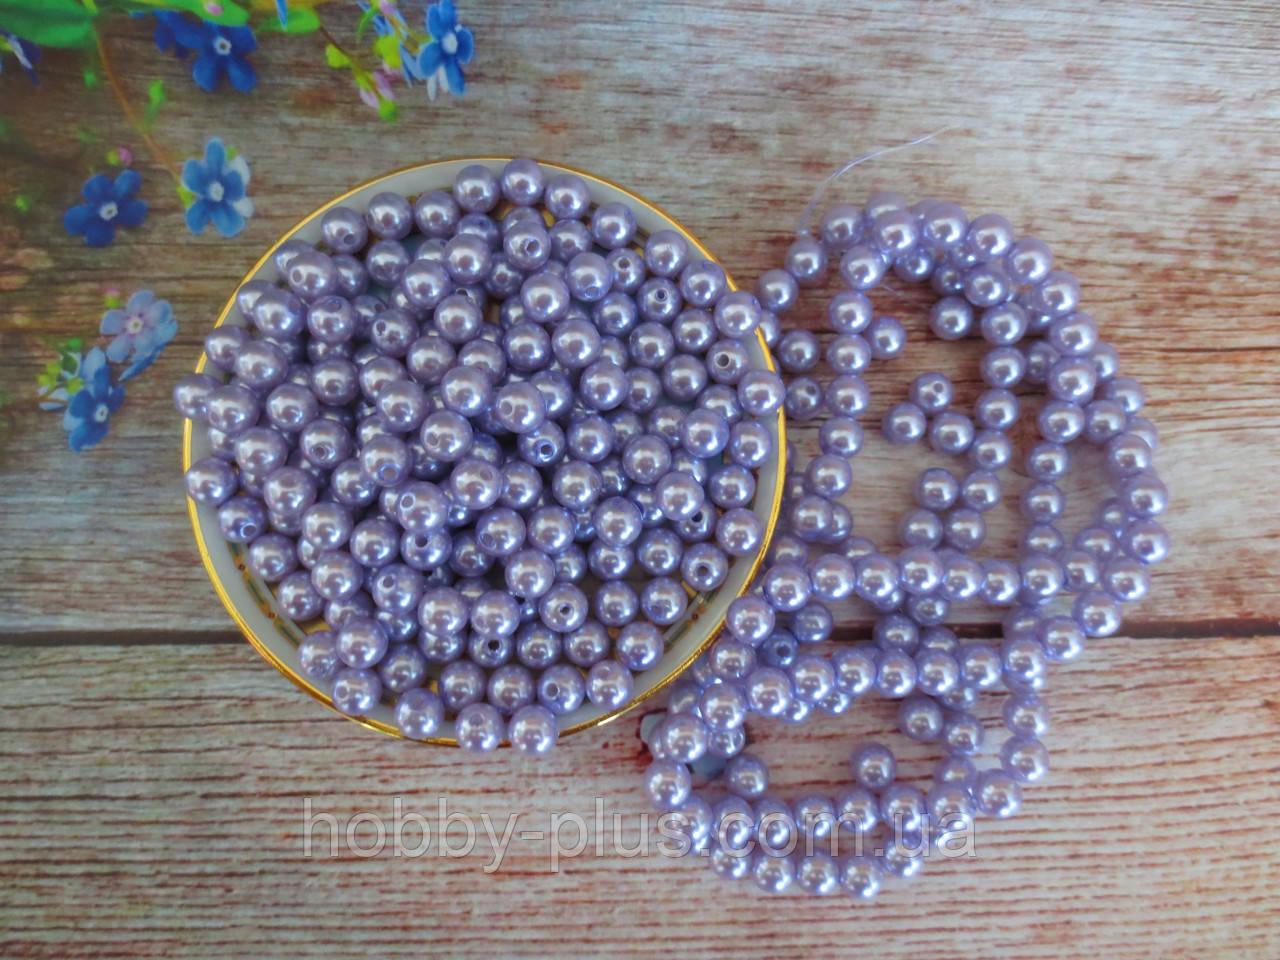 Жемчуг дорогой искусственный, 8 мм, цвет сиреневый, 10 грамм, (~40 шт).